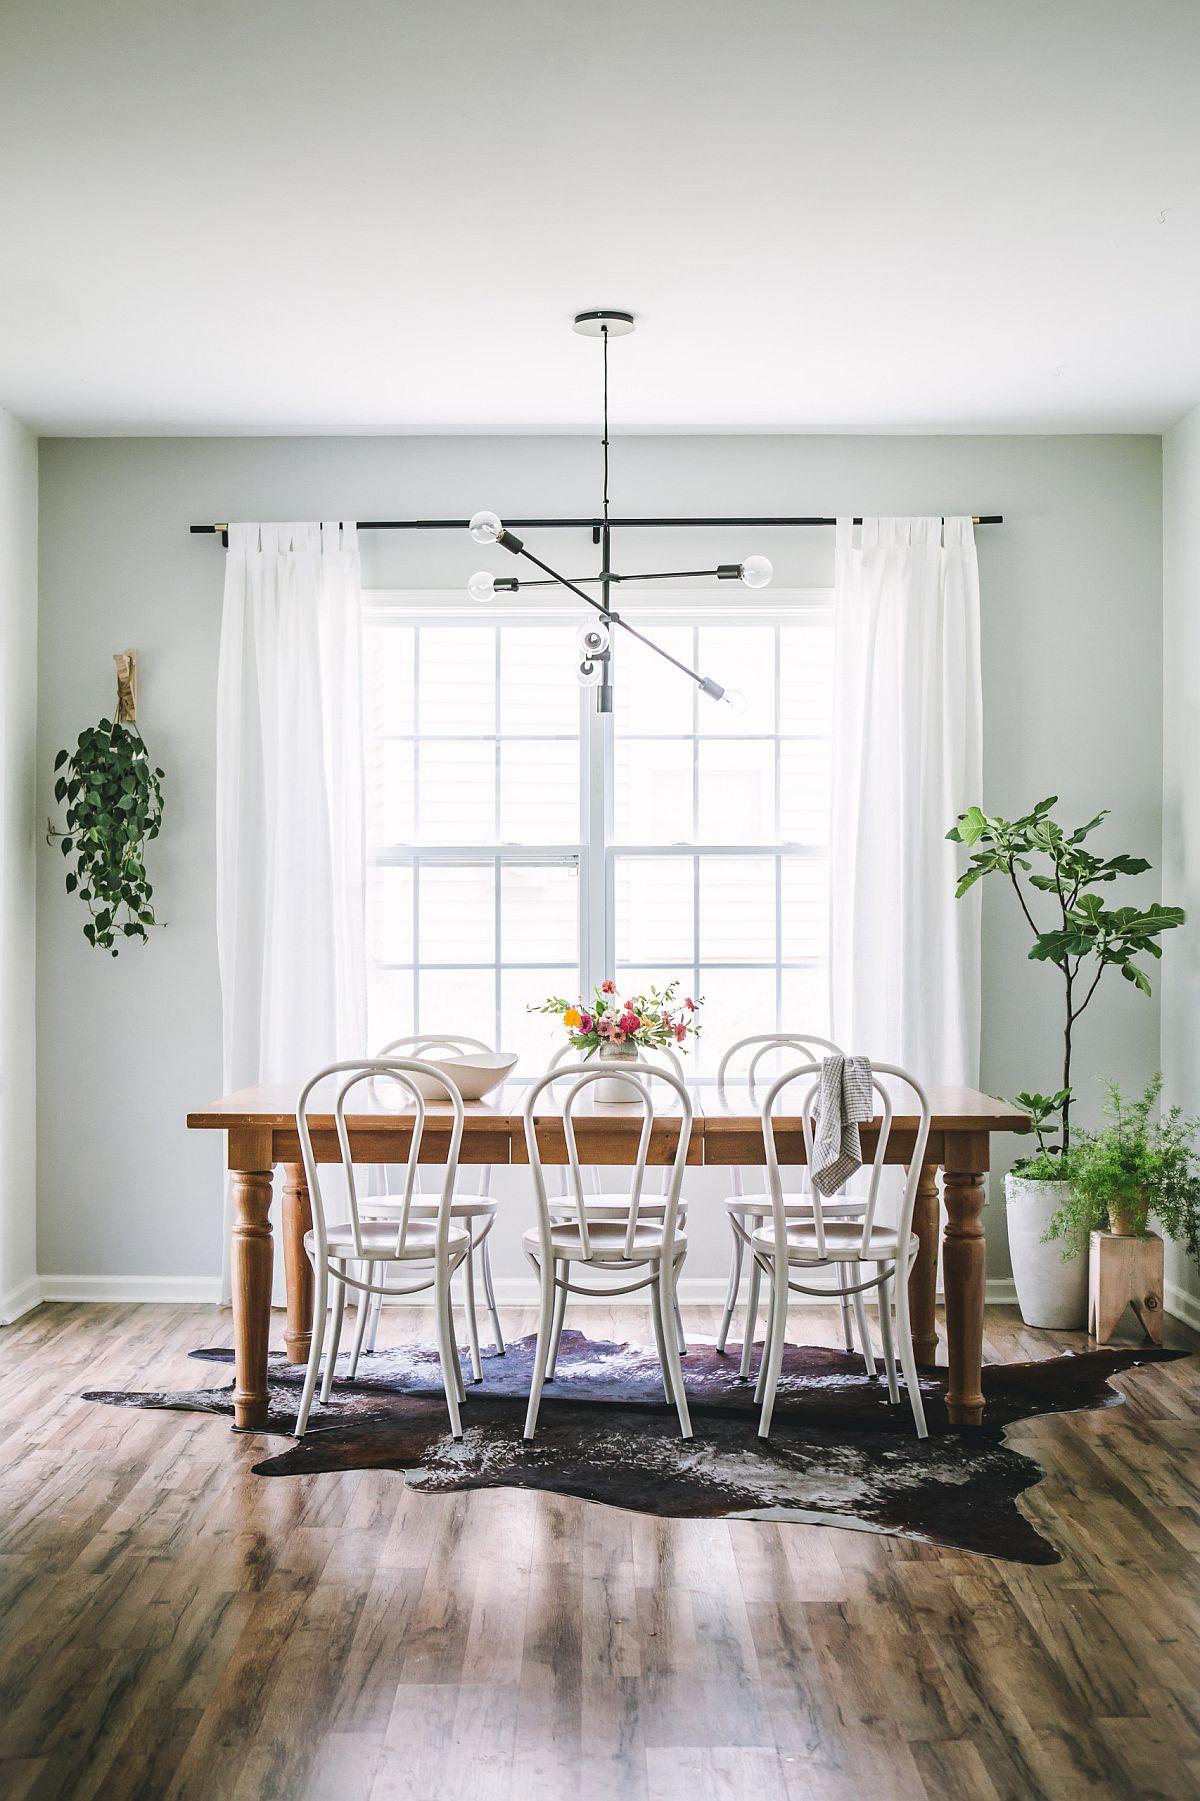 Le gris clair dans la salle à manger est aussi efficace que le blanc pour un décor charmant et élégant